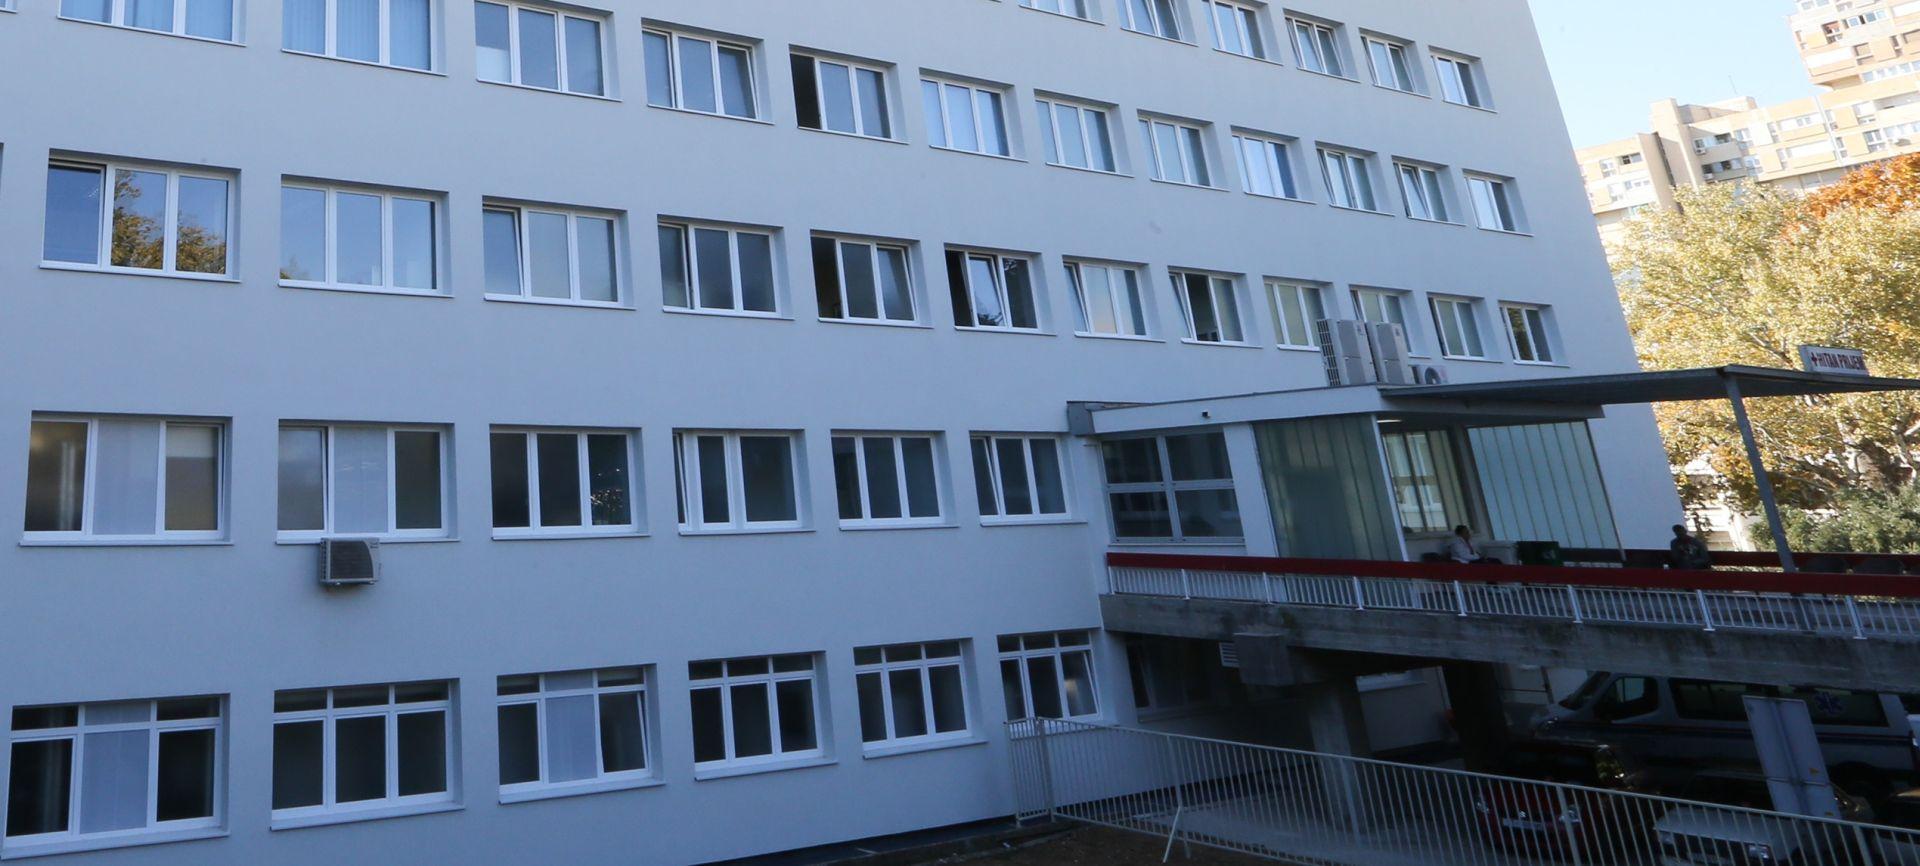 Predstojnik Klinike za kirurgiju KBC Split i tvrtka Doctum opovrgavaju tvrdnje iz anonimne prijave